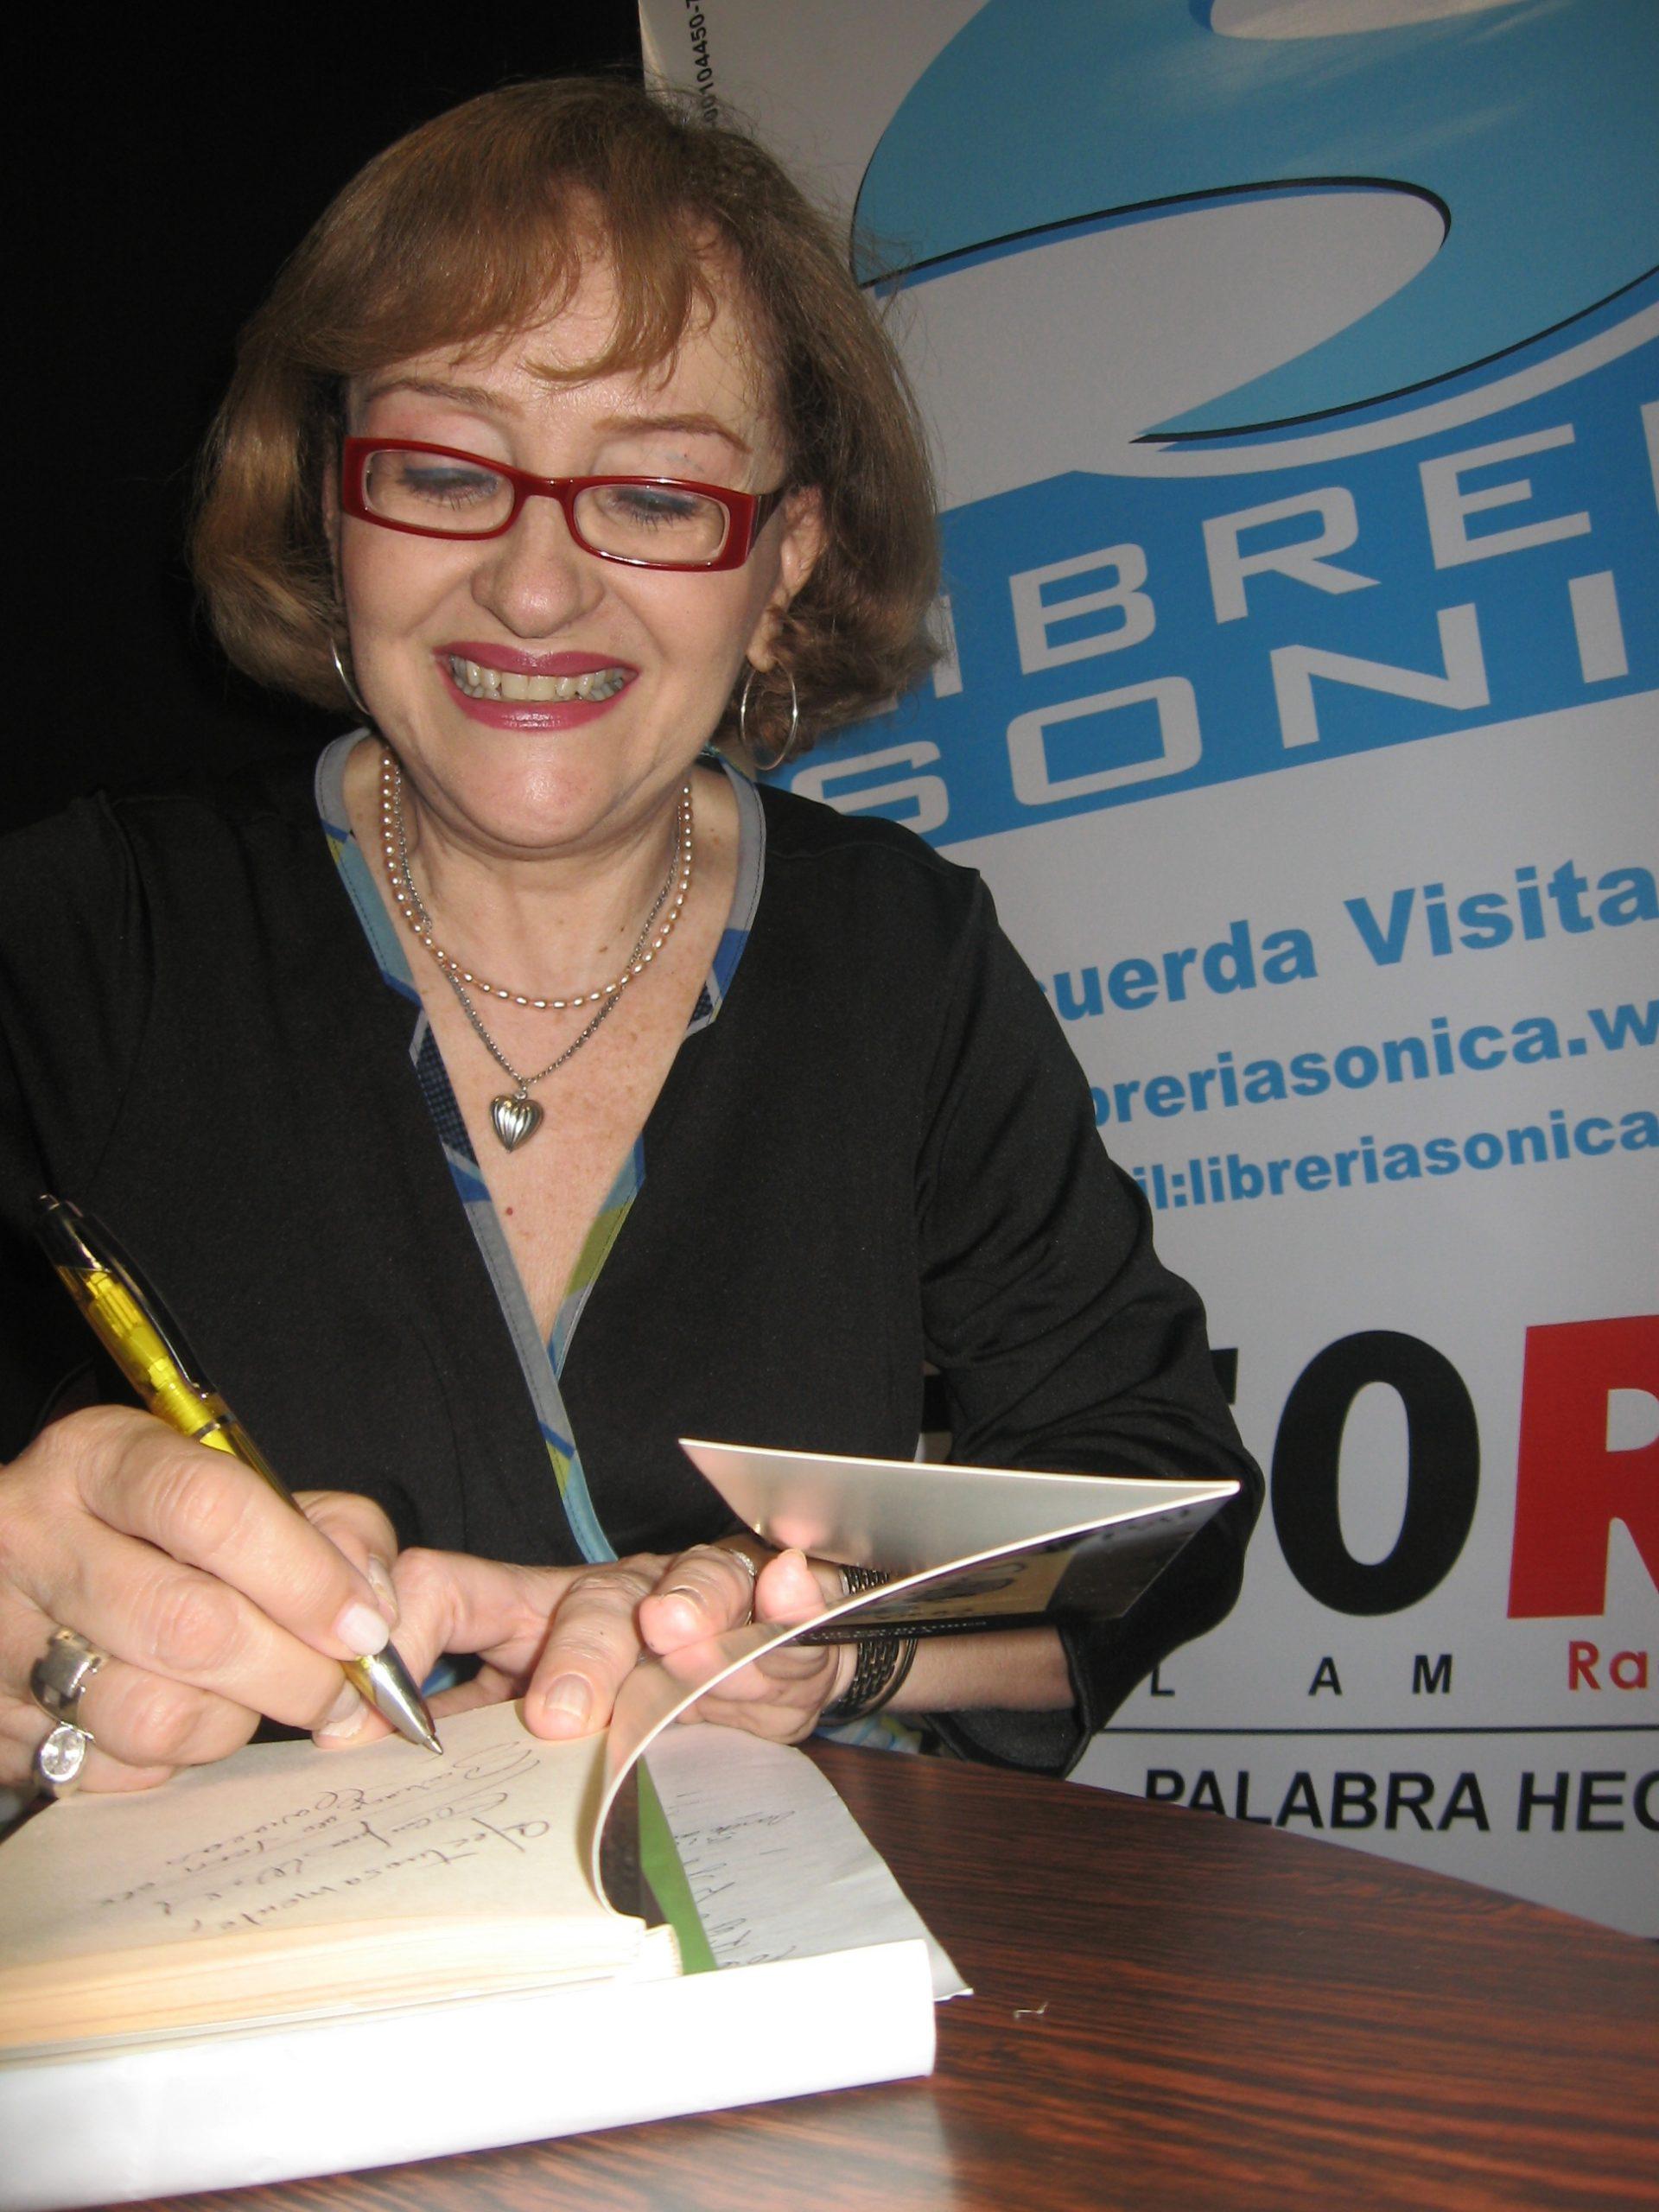 Carmen Cristina Wolf: 'Escribo un poema como si un rayo de luz me atravesara'. Entrevista de José Pulido